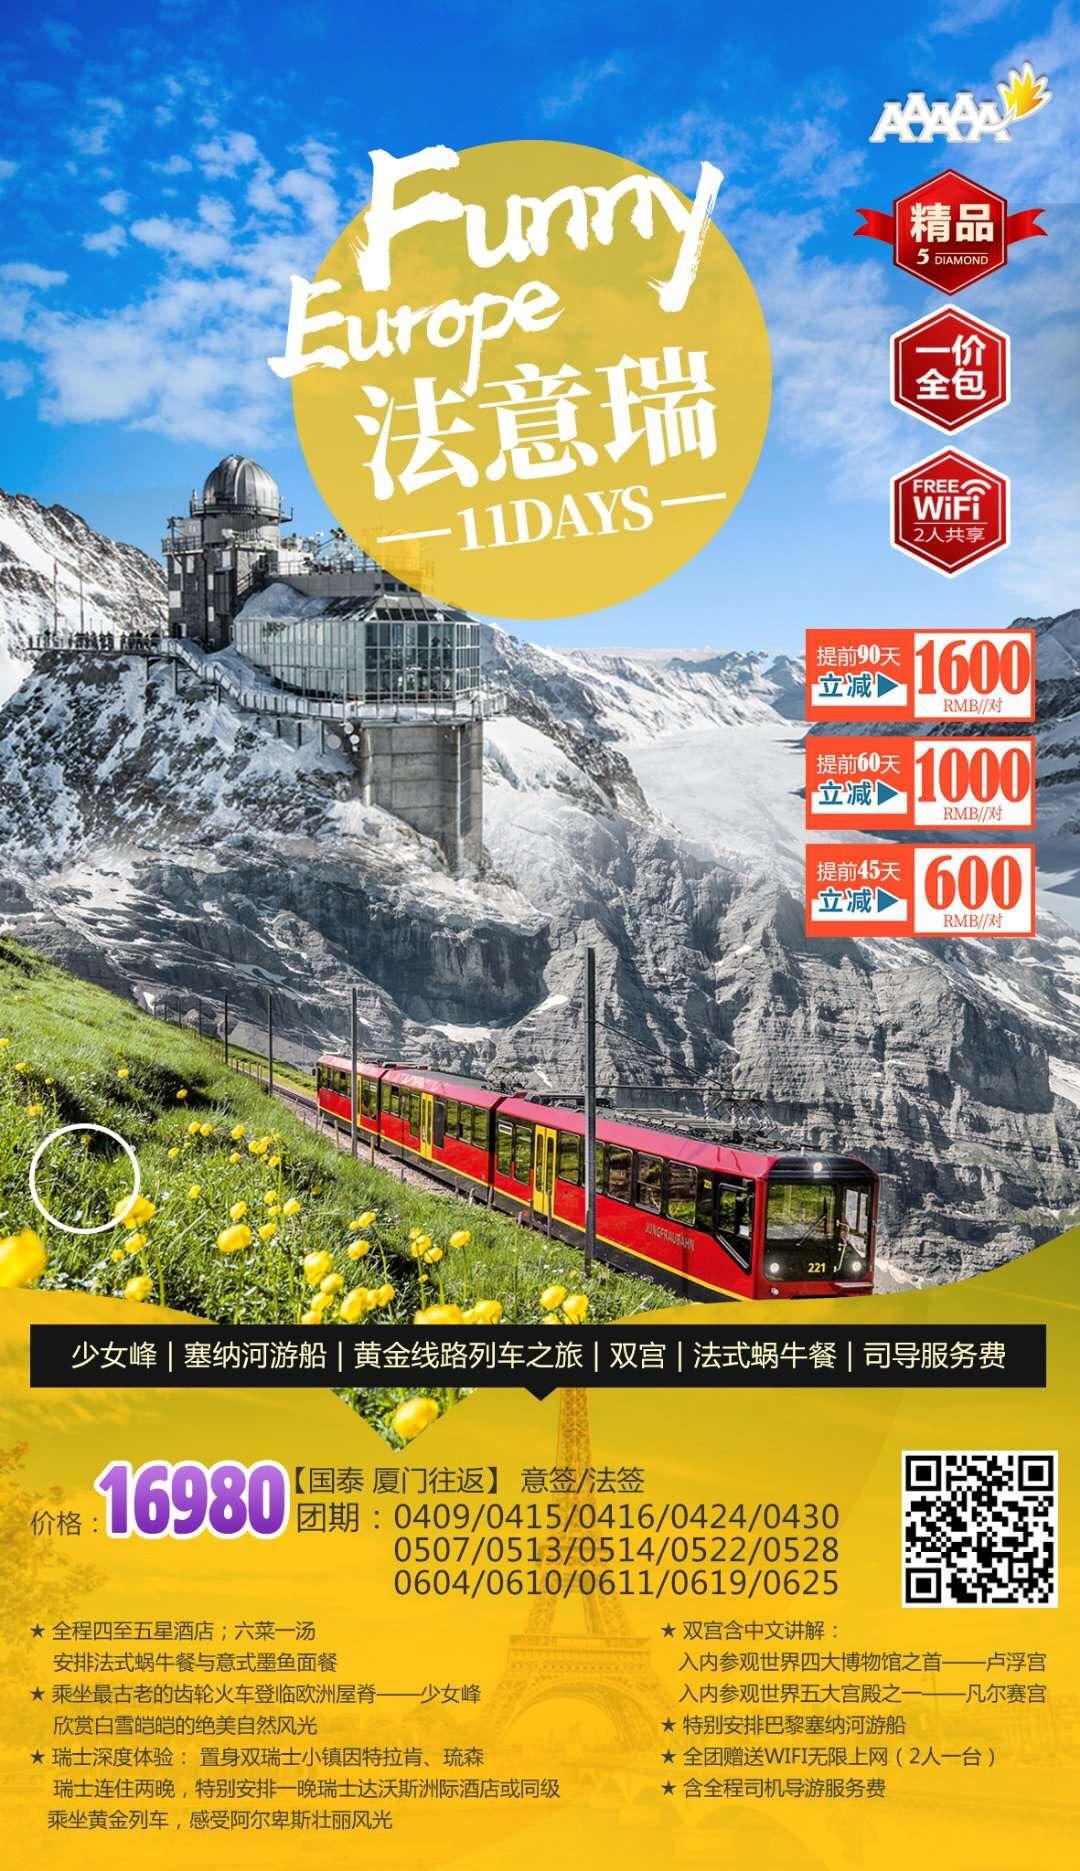 北京到云南游报价_厦门到欧洲旅游|4-6月厦门到欧洲旅游线路报价_厦门国旅官网